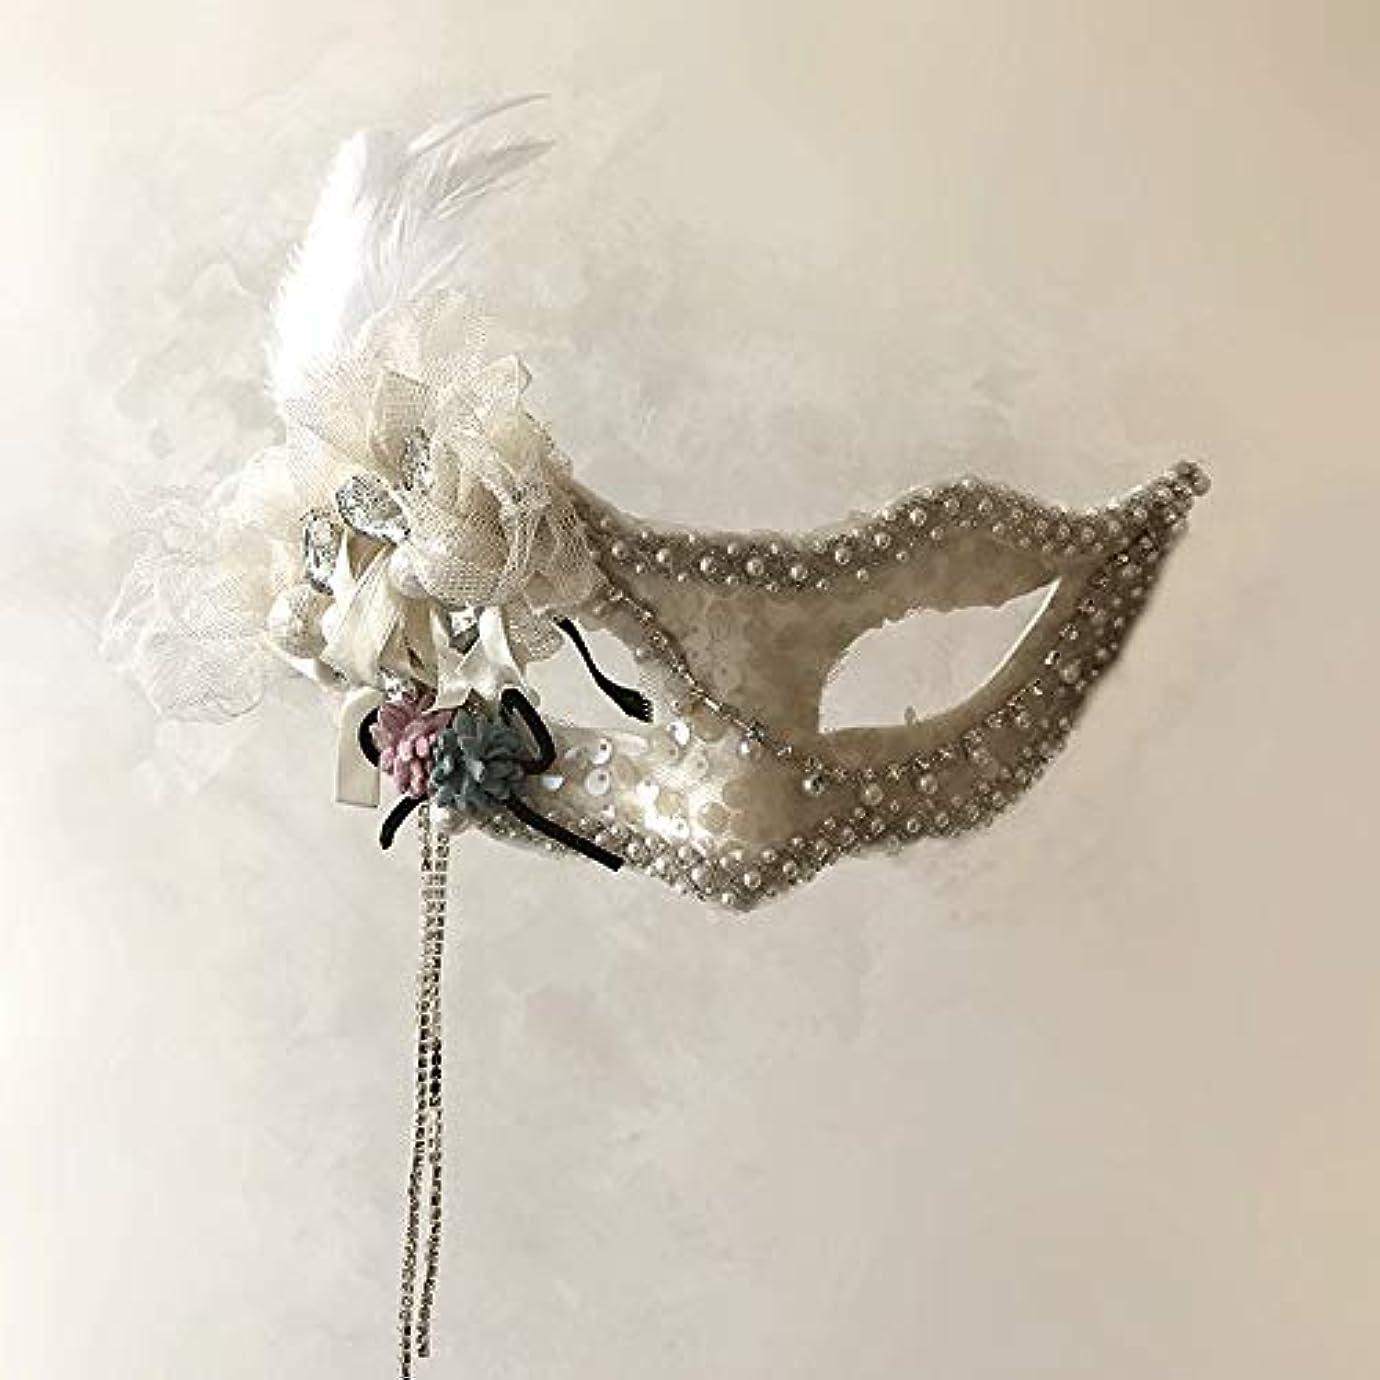 Nanle ホワイトフェザーフラワーマスク仮装ボールアイマスクハロウィーンボールフリンジフェザーマスクパーティマスク女性レディセクシーマスク (色 : Style D)